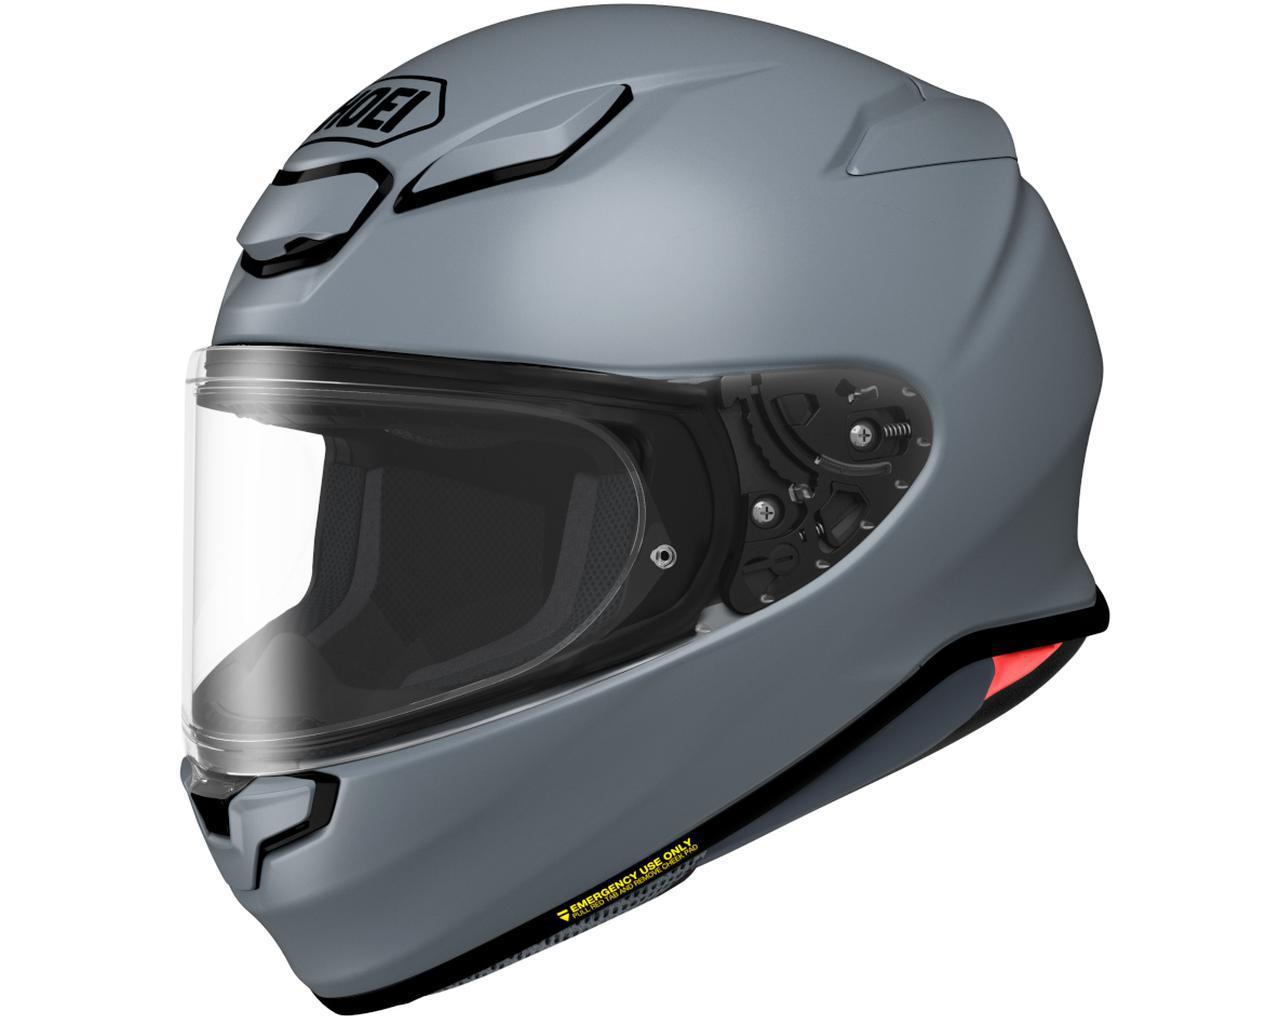 画像: SHOEI「Z-8」の仕様や特徴はこちら - webオートバイ